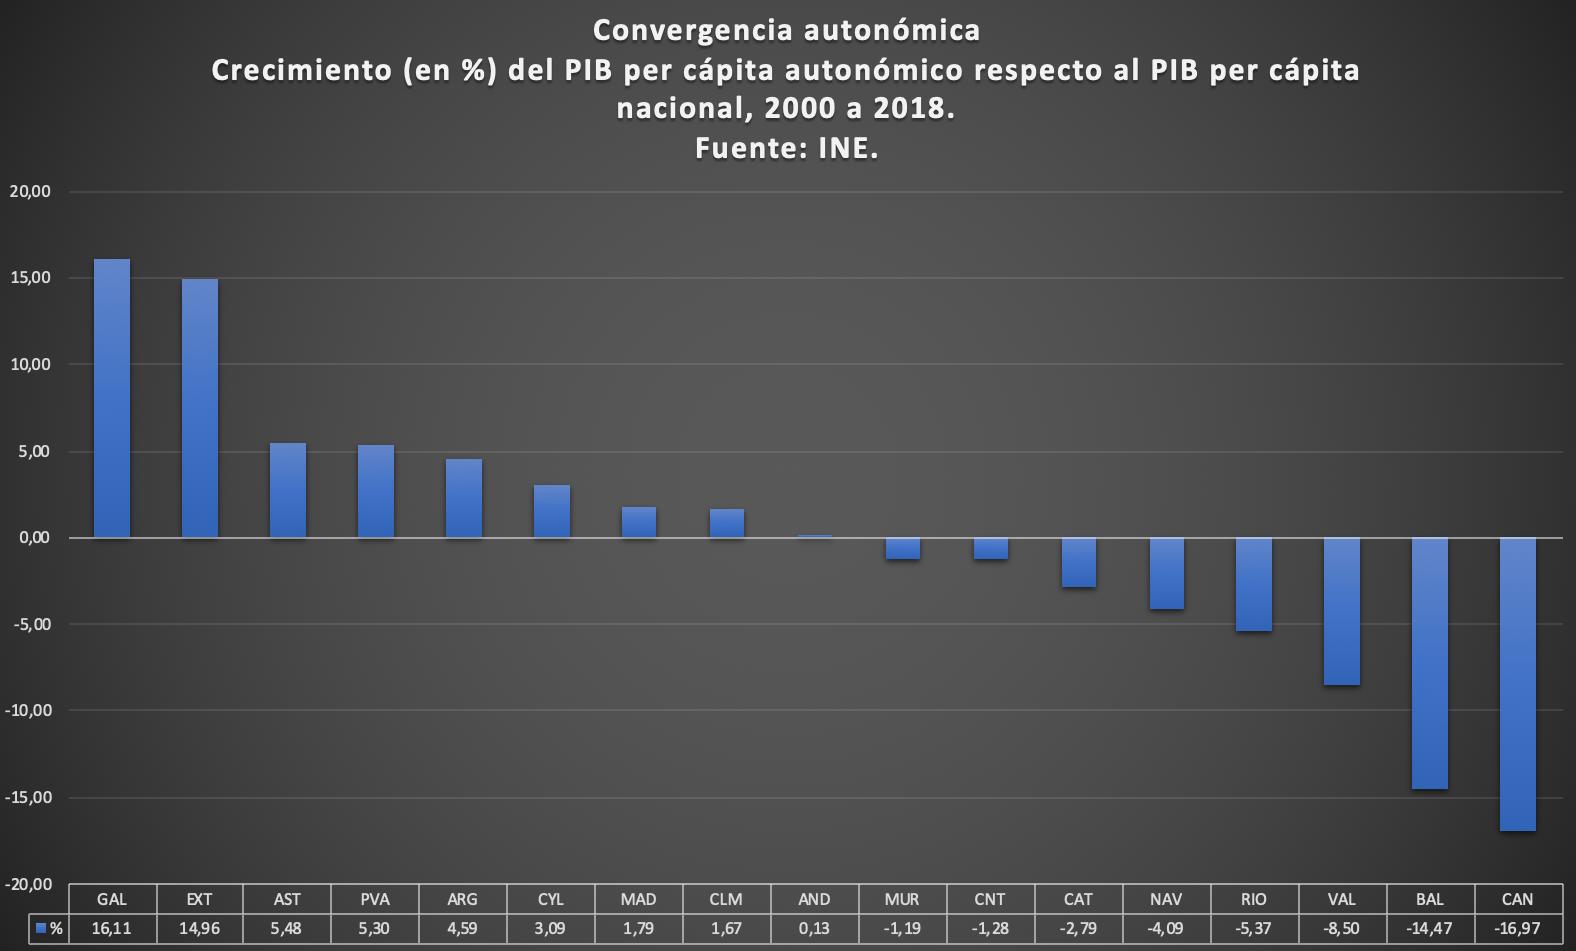 convergencia-galicia-ccaa.png